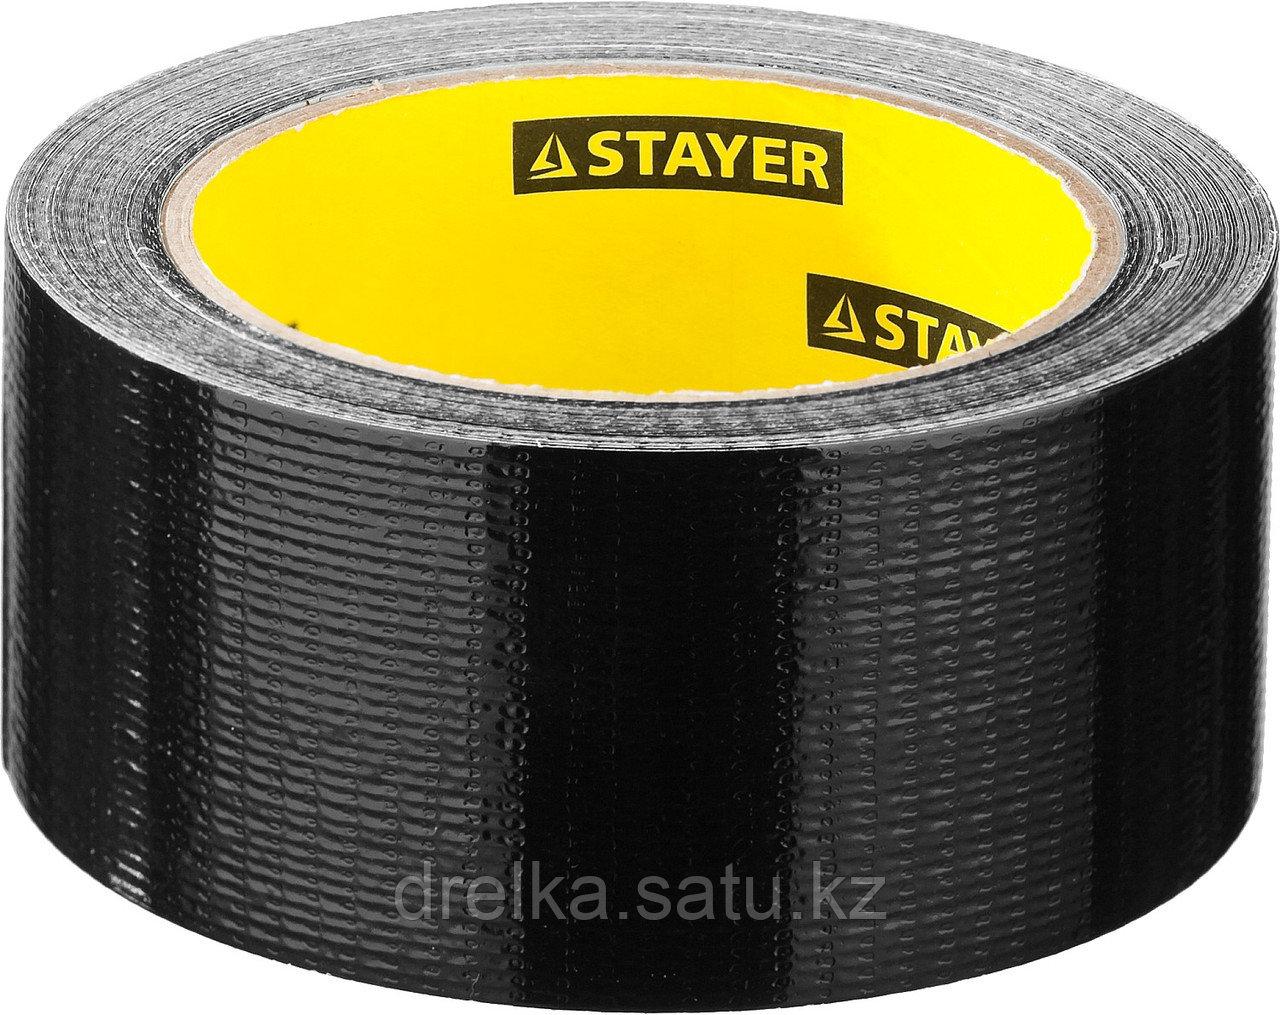 Армированная лента, STAYER Professional 12086-50-25, универсальная, влагостойкая, 48мм х 25м, черная